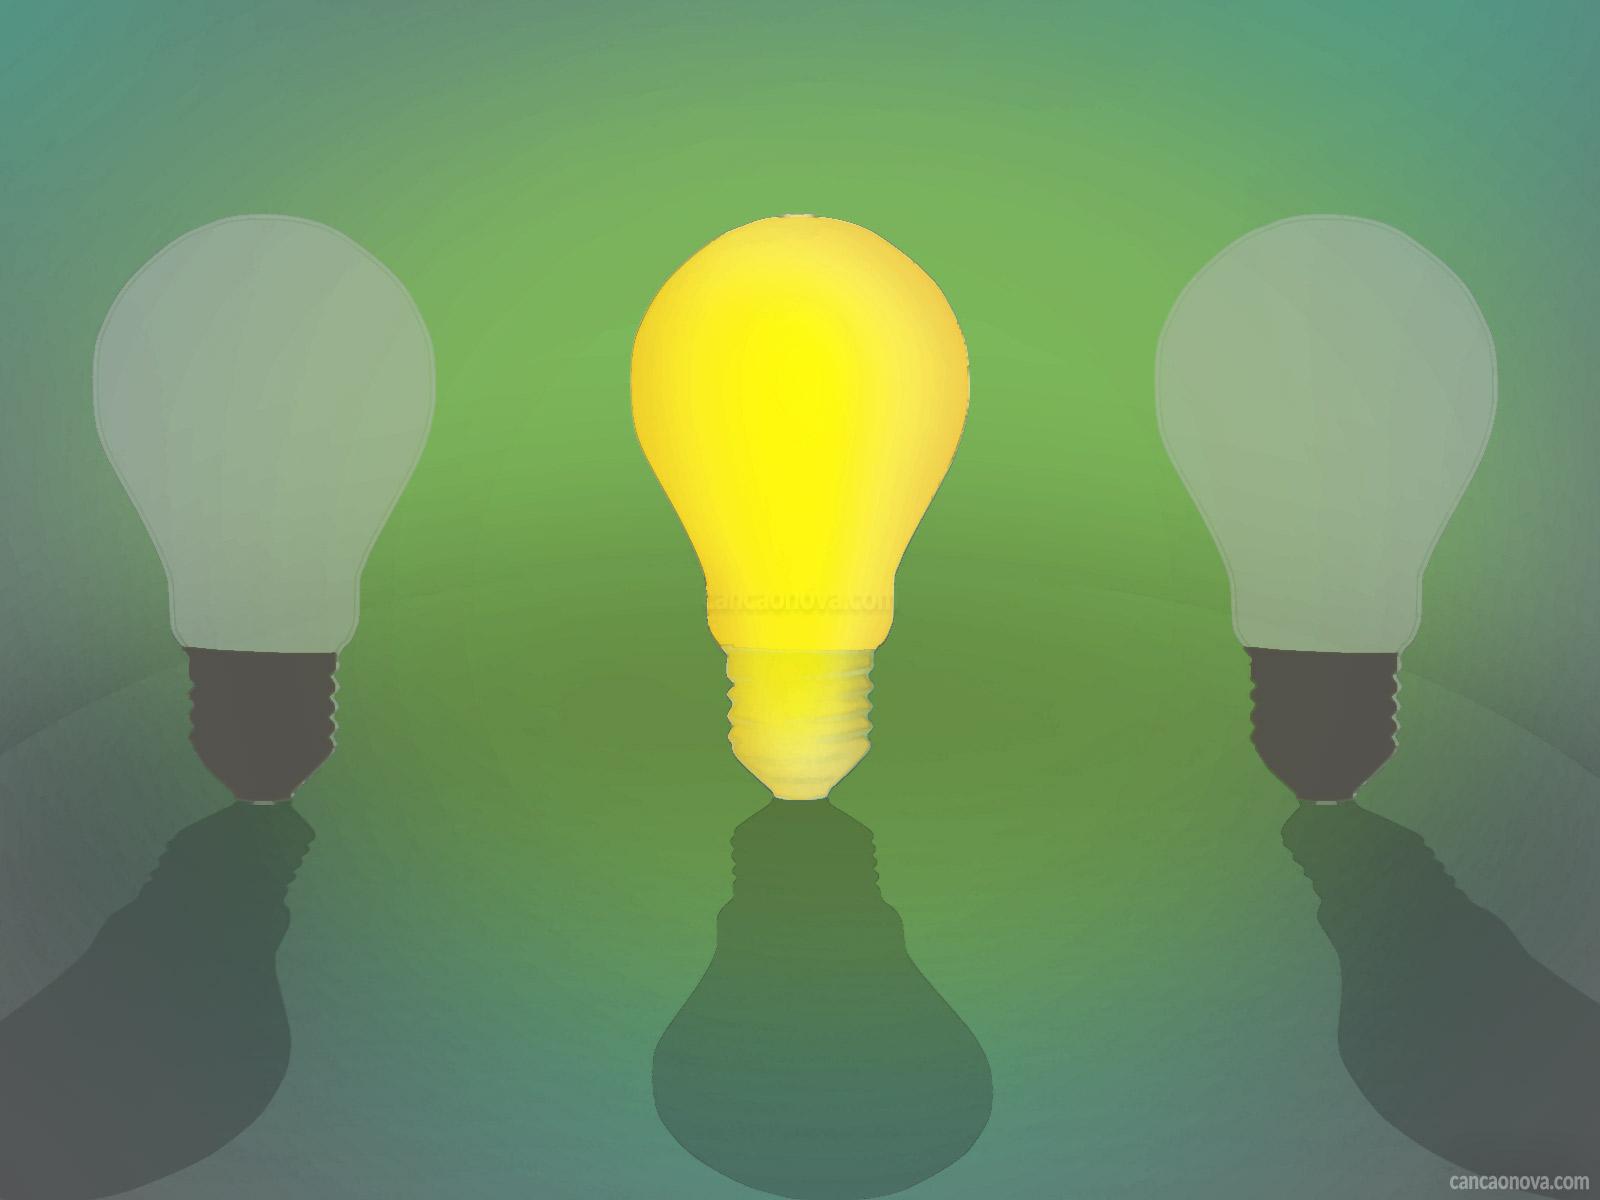 Criatividade: habilidade natural ou fruto do esforço?